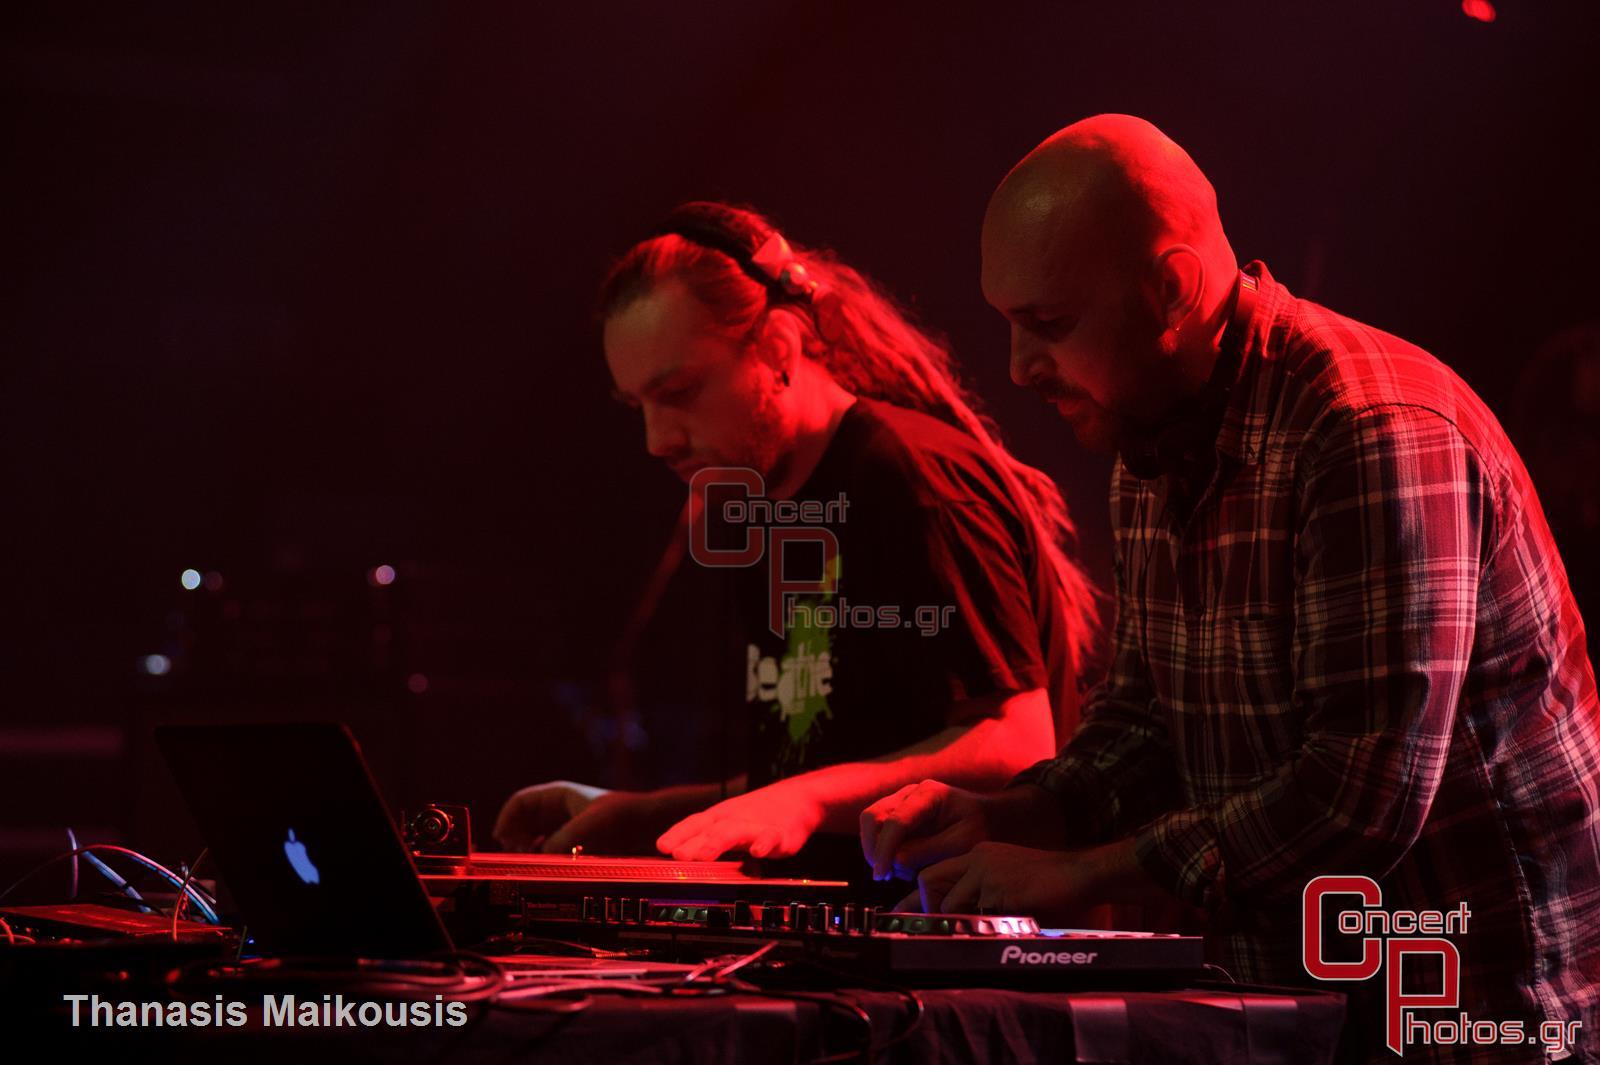 Morcheeba-Morcheeba Gagarin photographer: Thanasis Maikousis - ConcertPhotos-1330